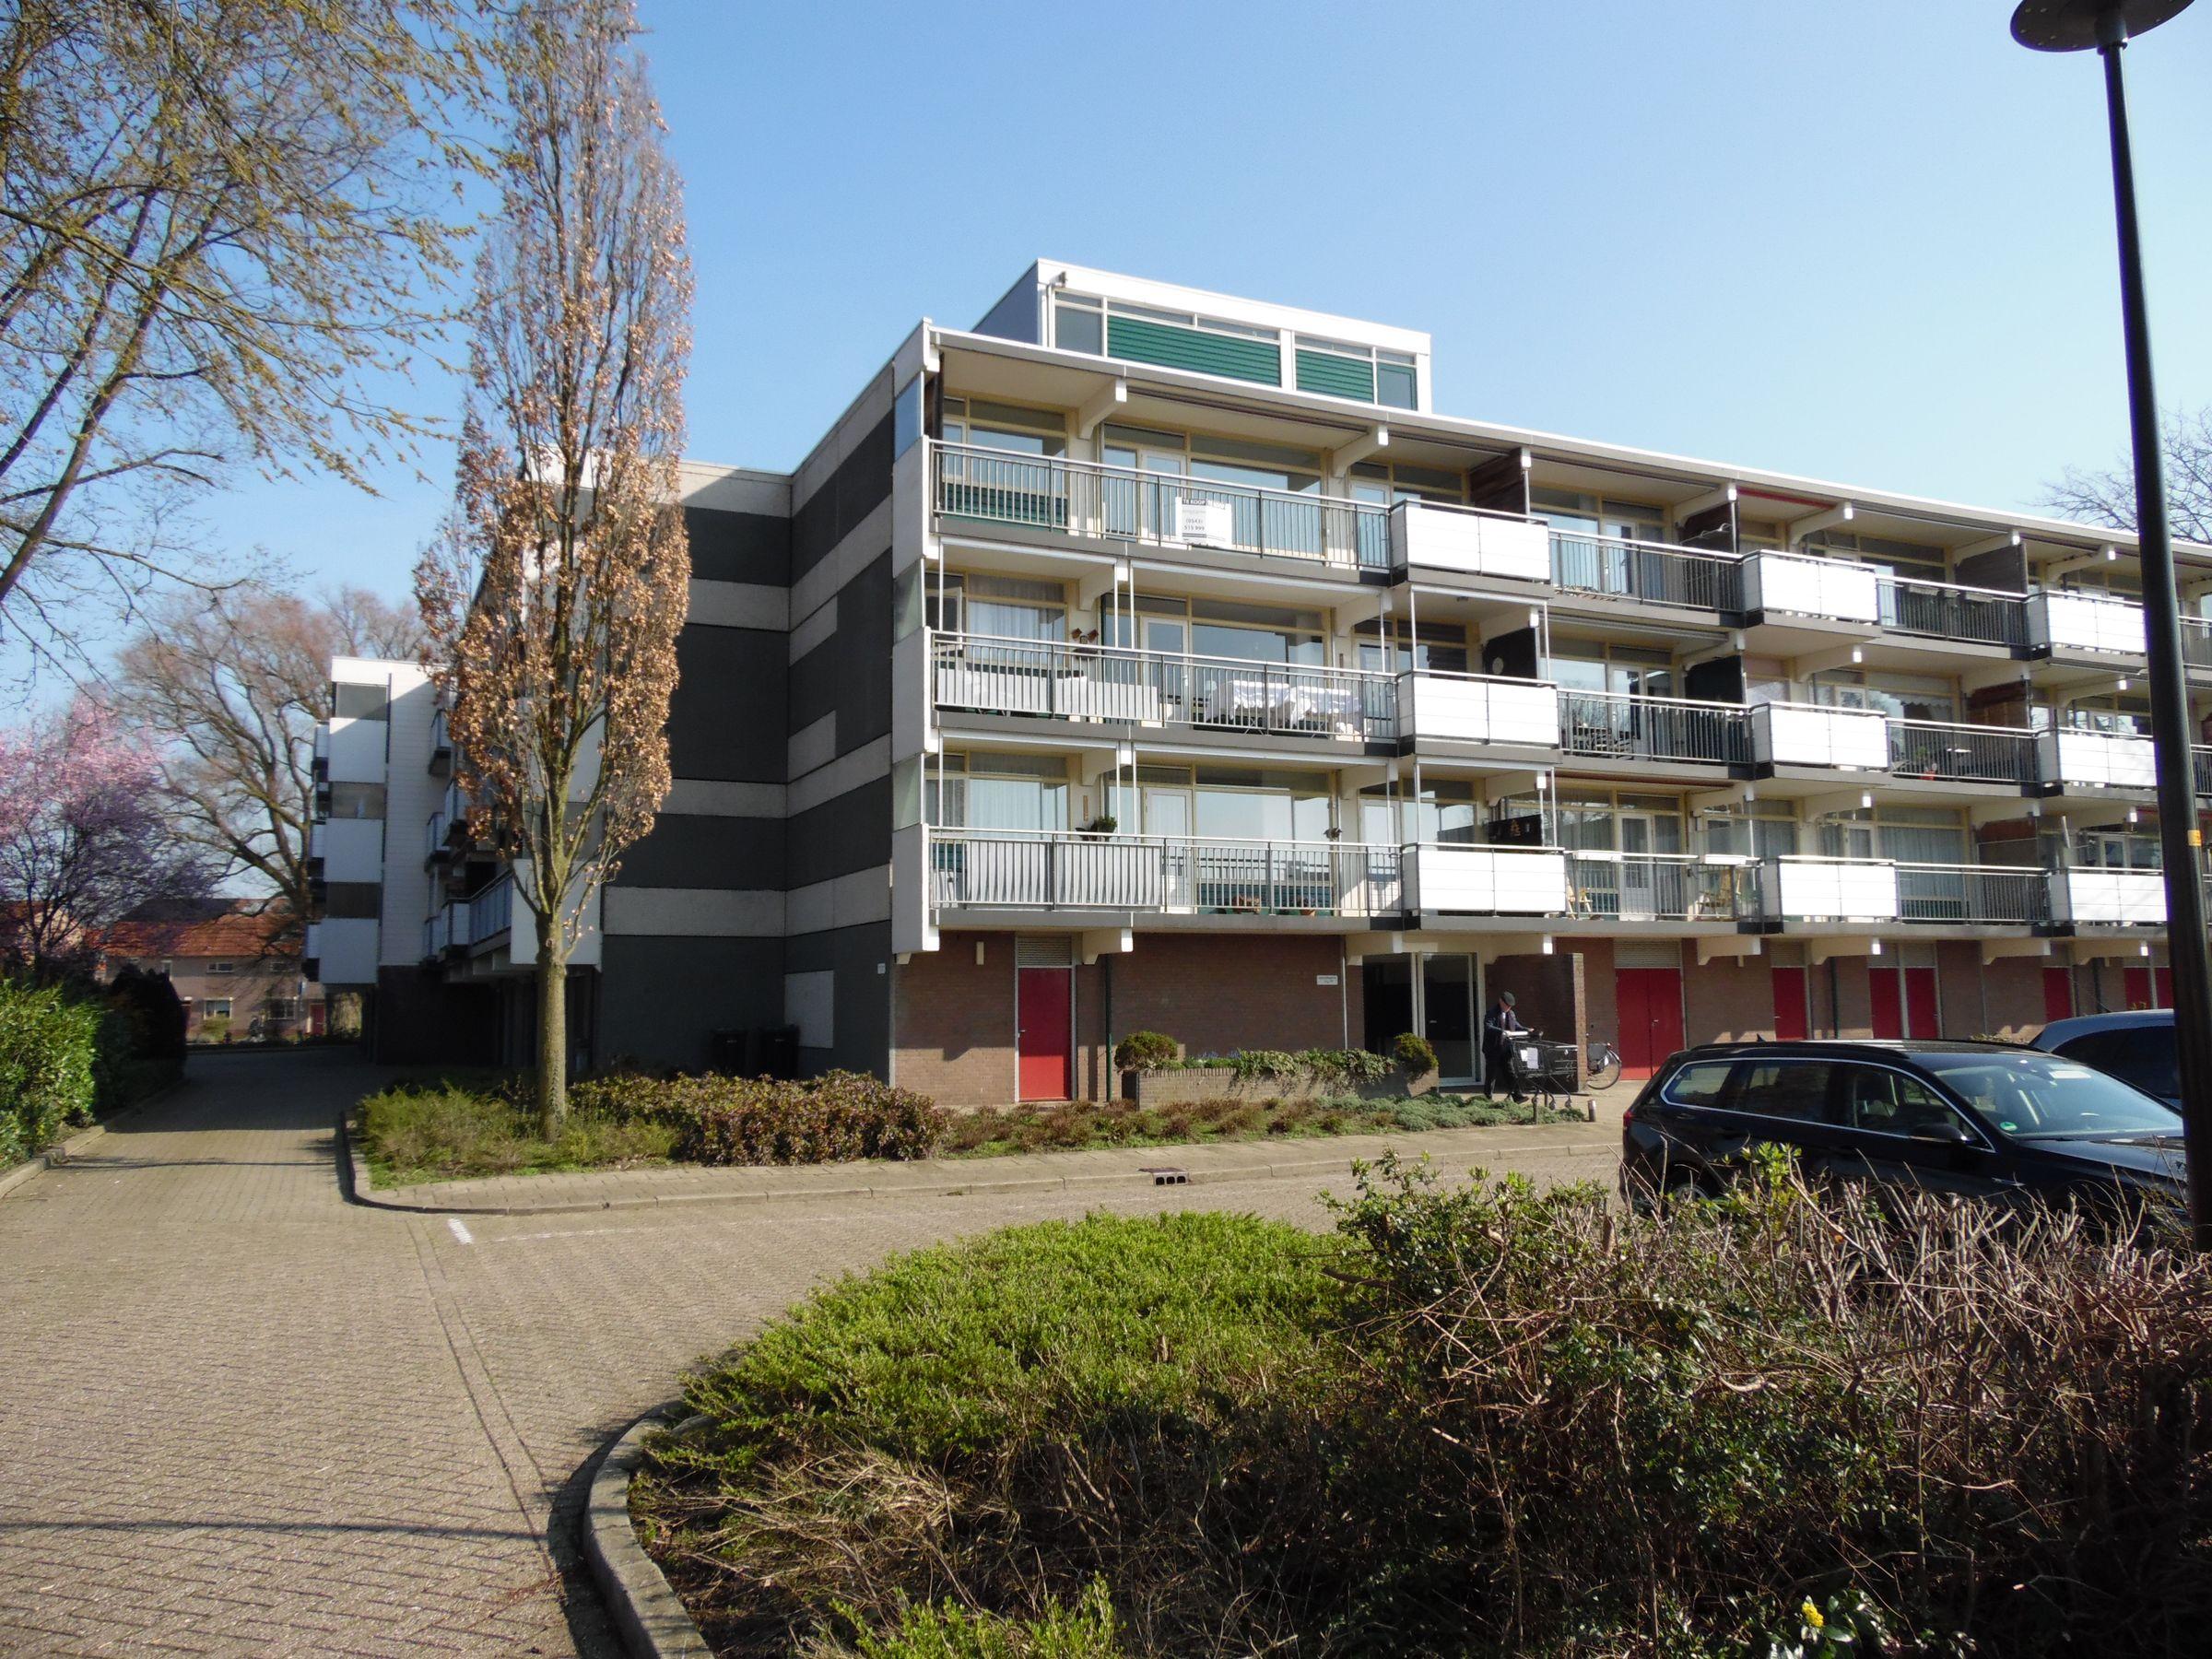 Hakkelerkampstraat 11-III, Winterswijk